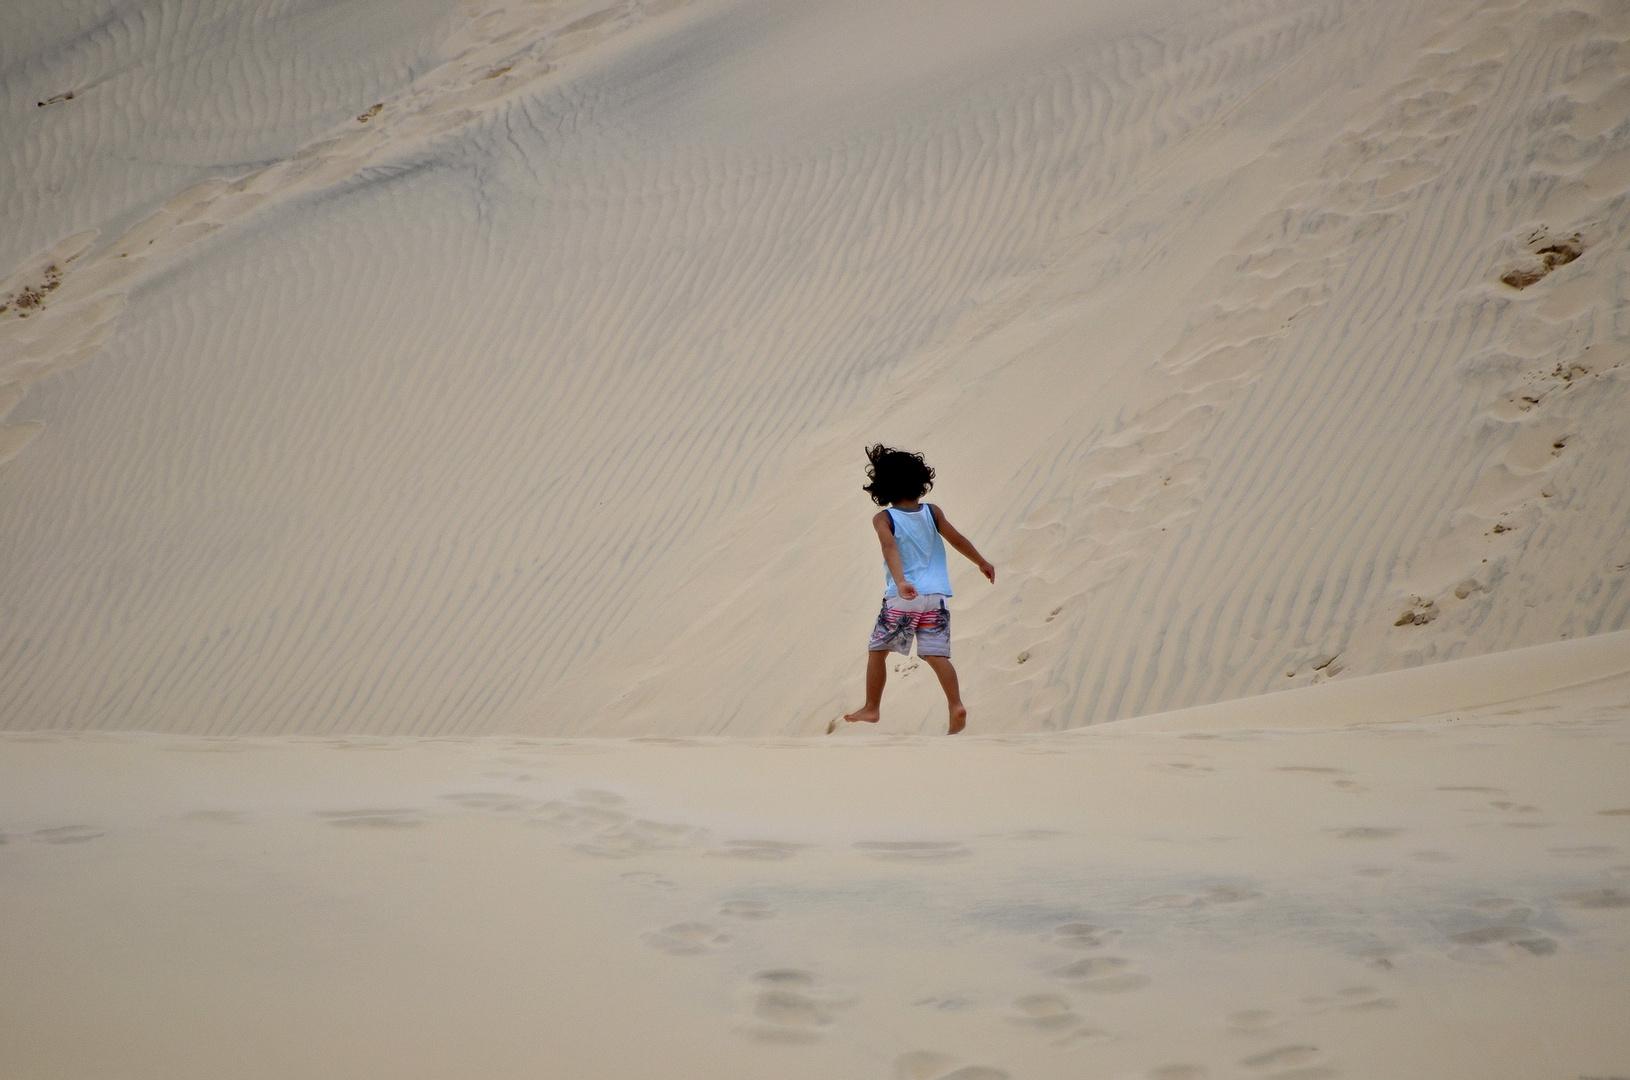 Ziemlich große Sandkiste